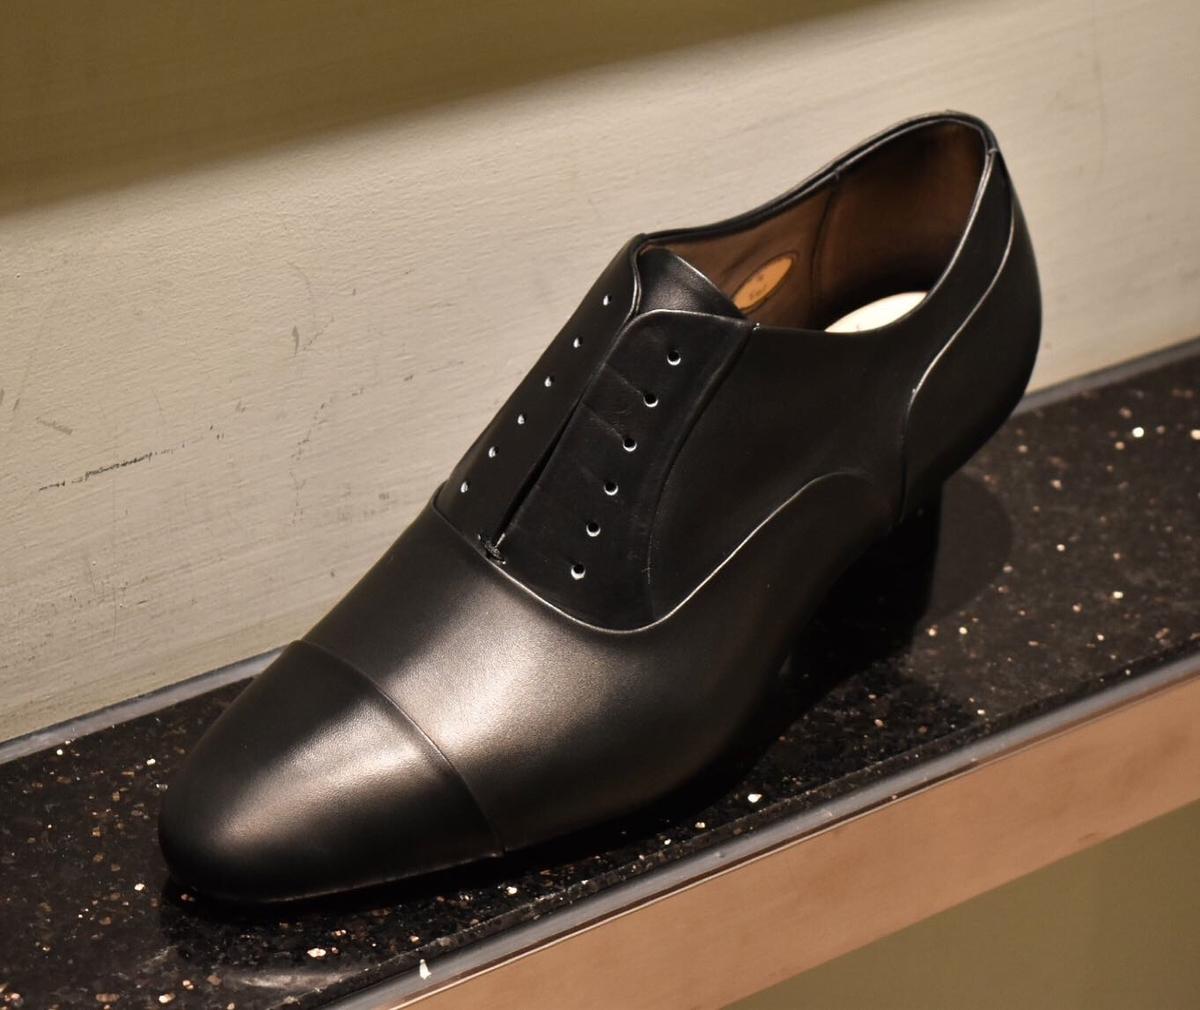 f:id:raymar-shoes:20191208003547j:plain